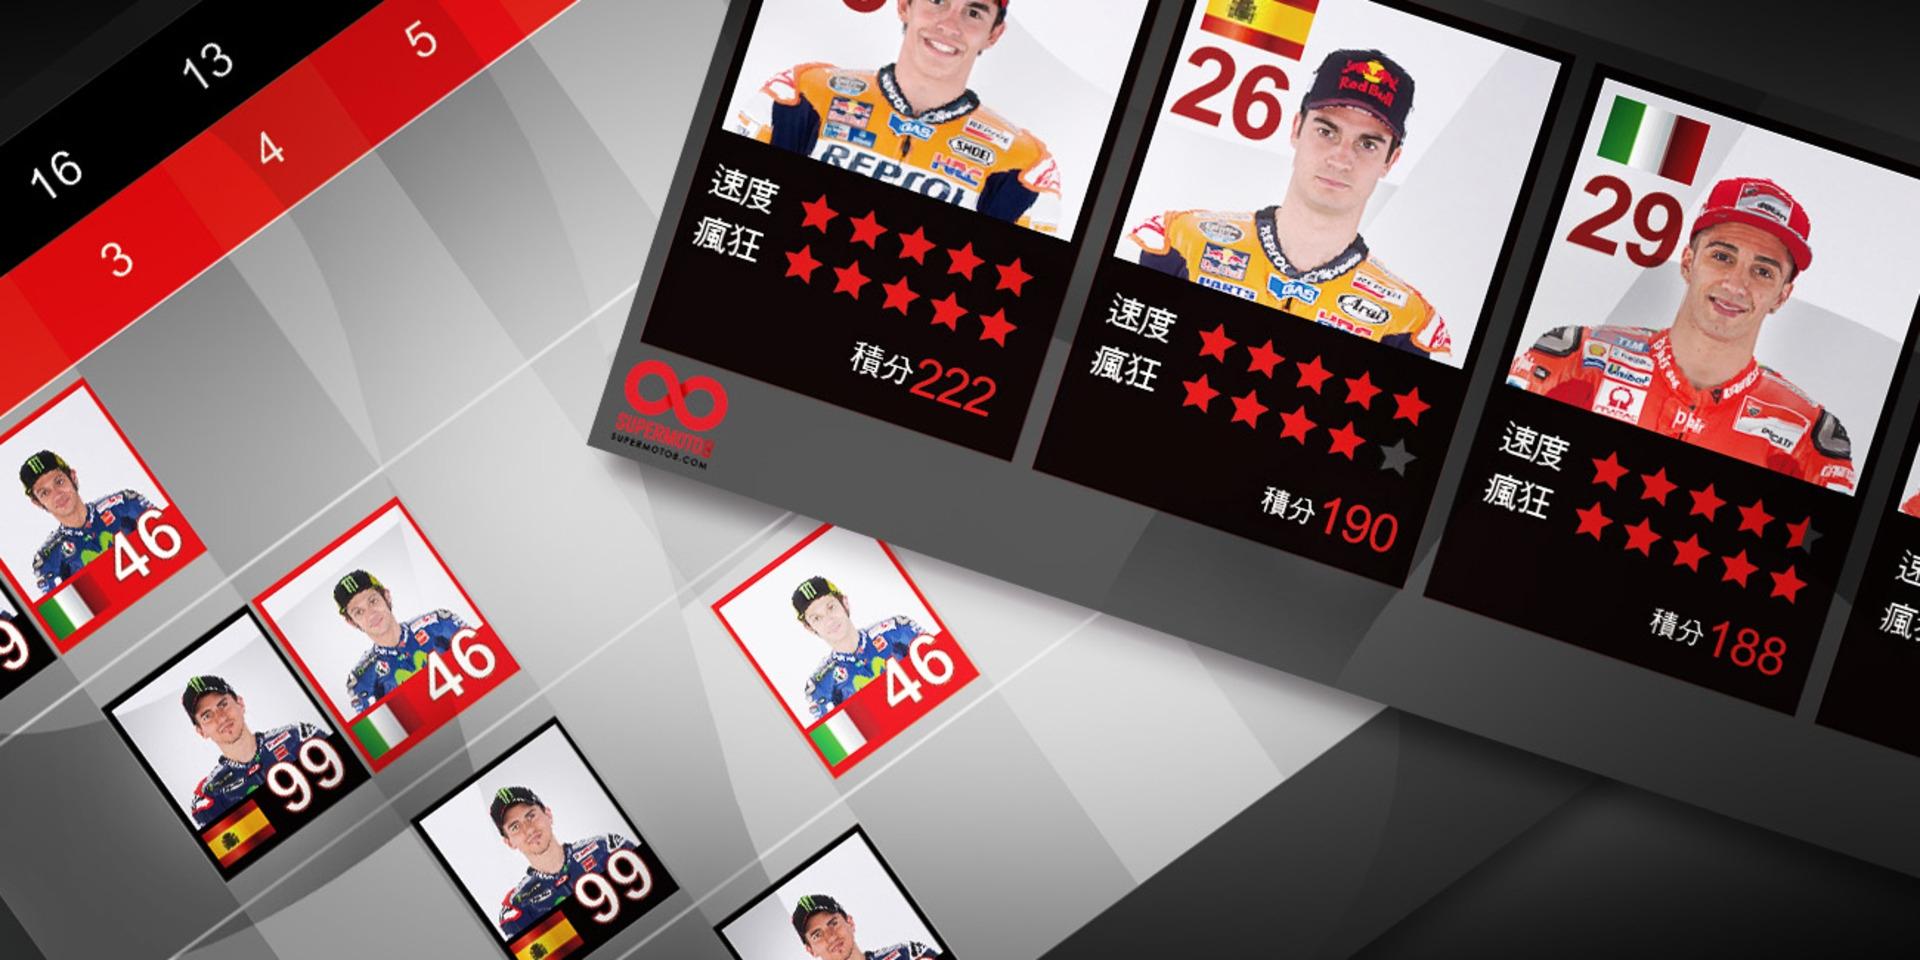 MotoGP 最後戰役(西班牙)超圖解